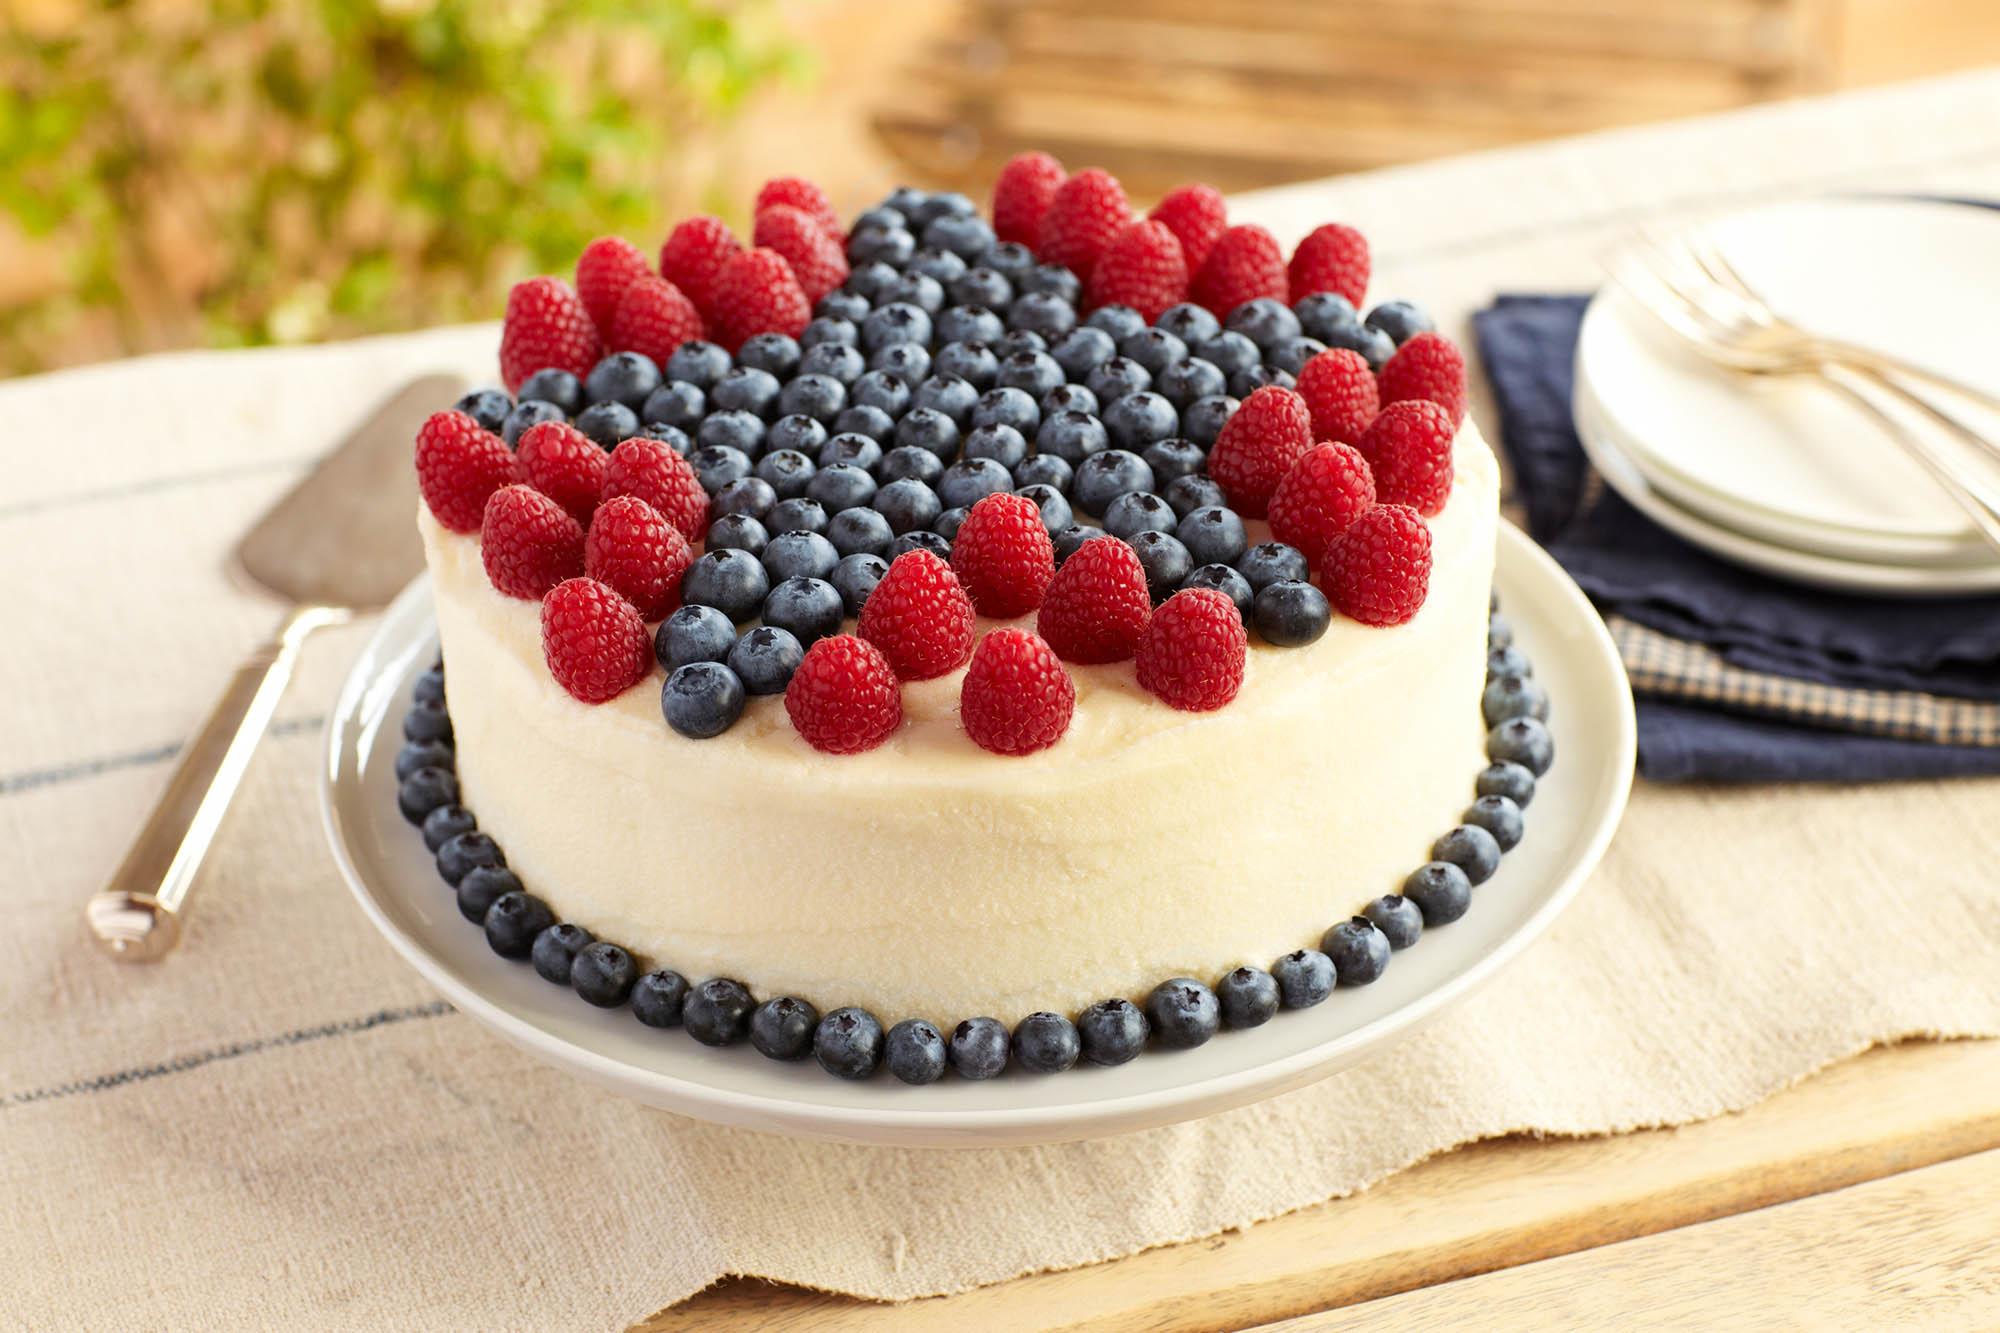 Joy Of Cooking Vegan Chocolate Cake Recipe